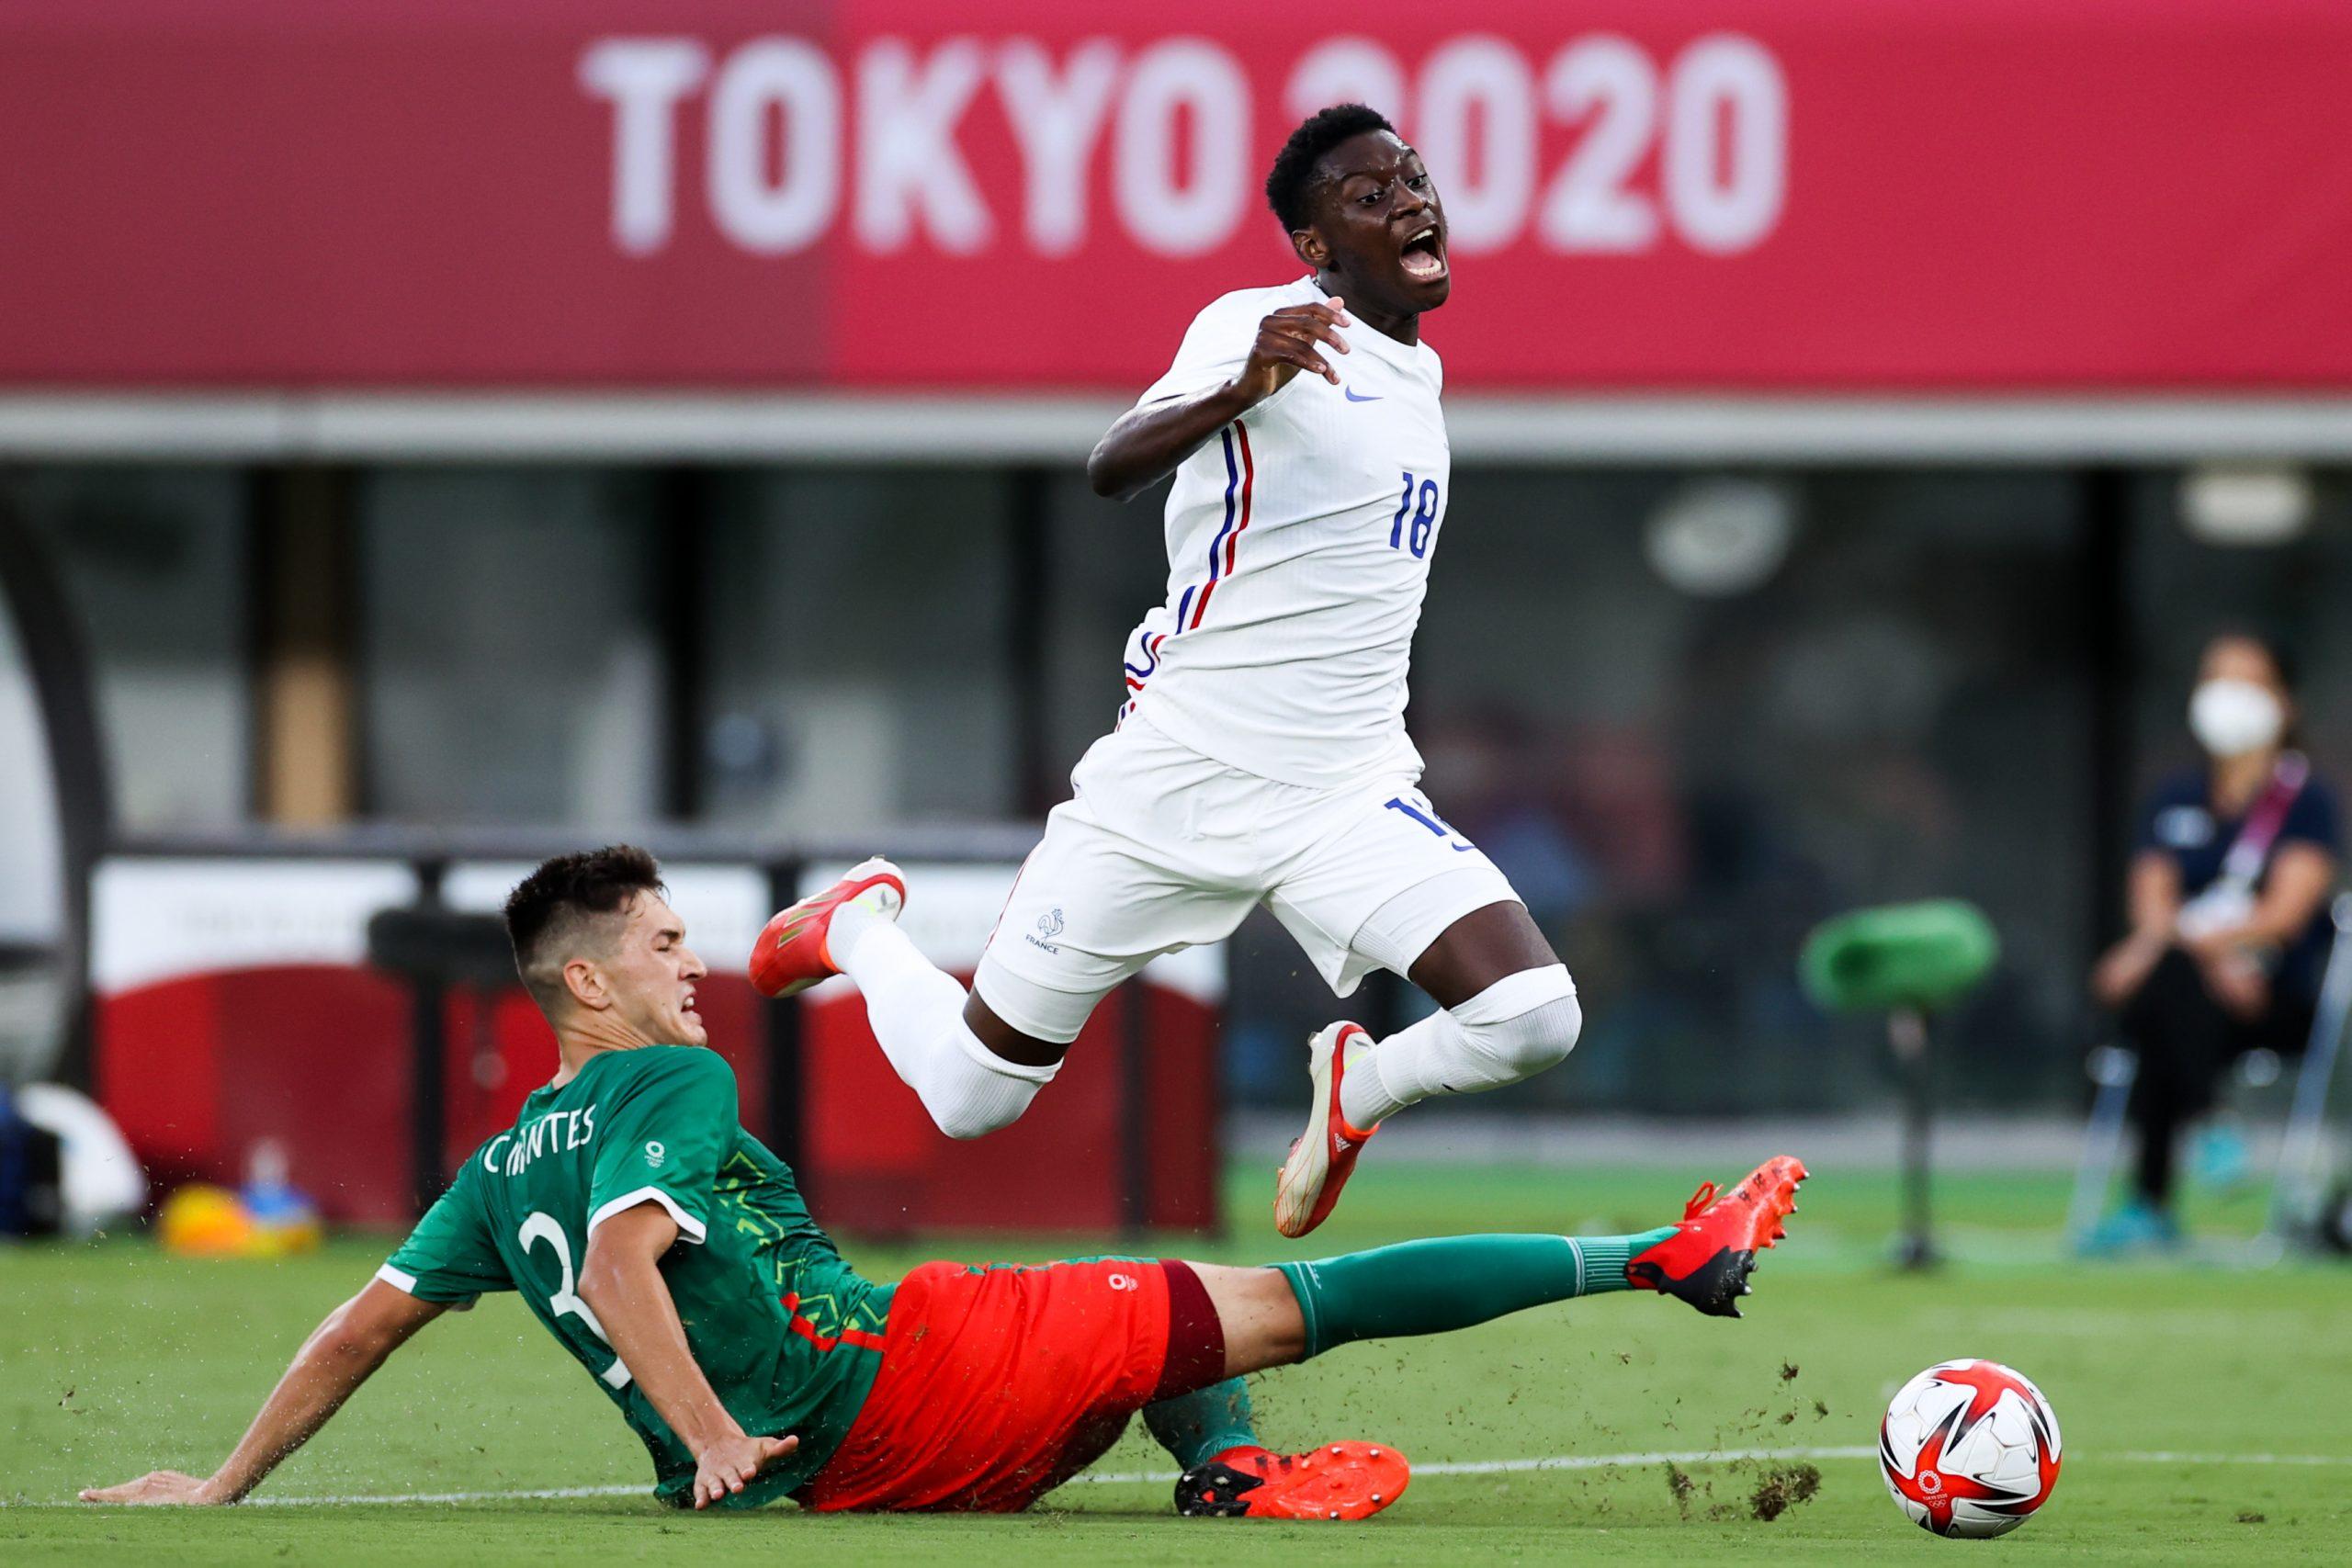 selección mexicana golea a la Francia de Gignac